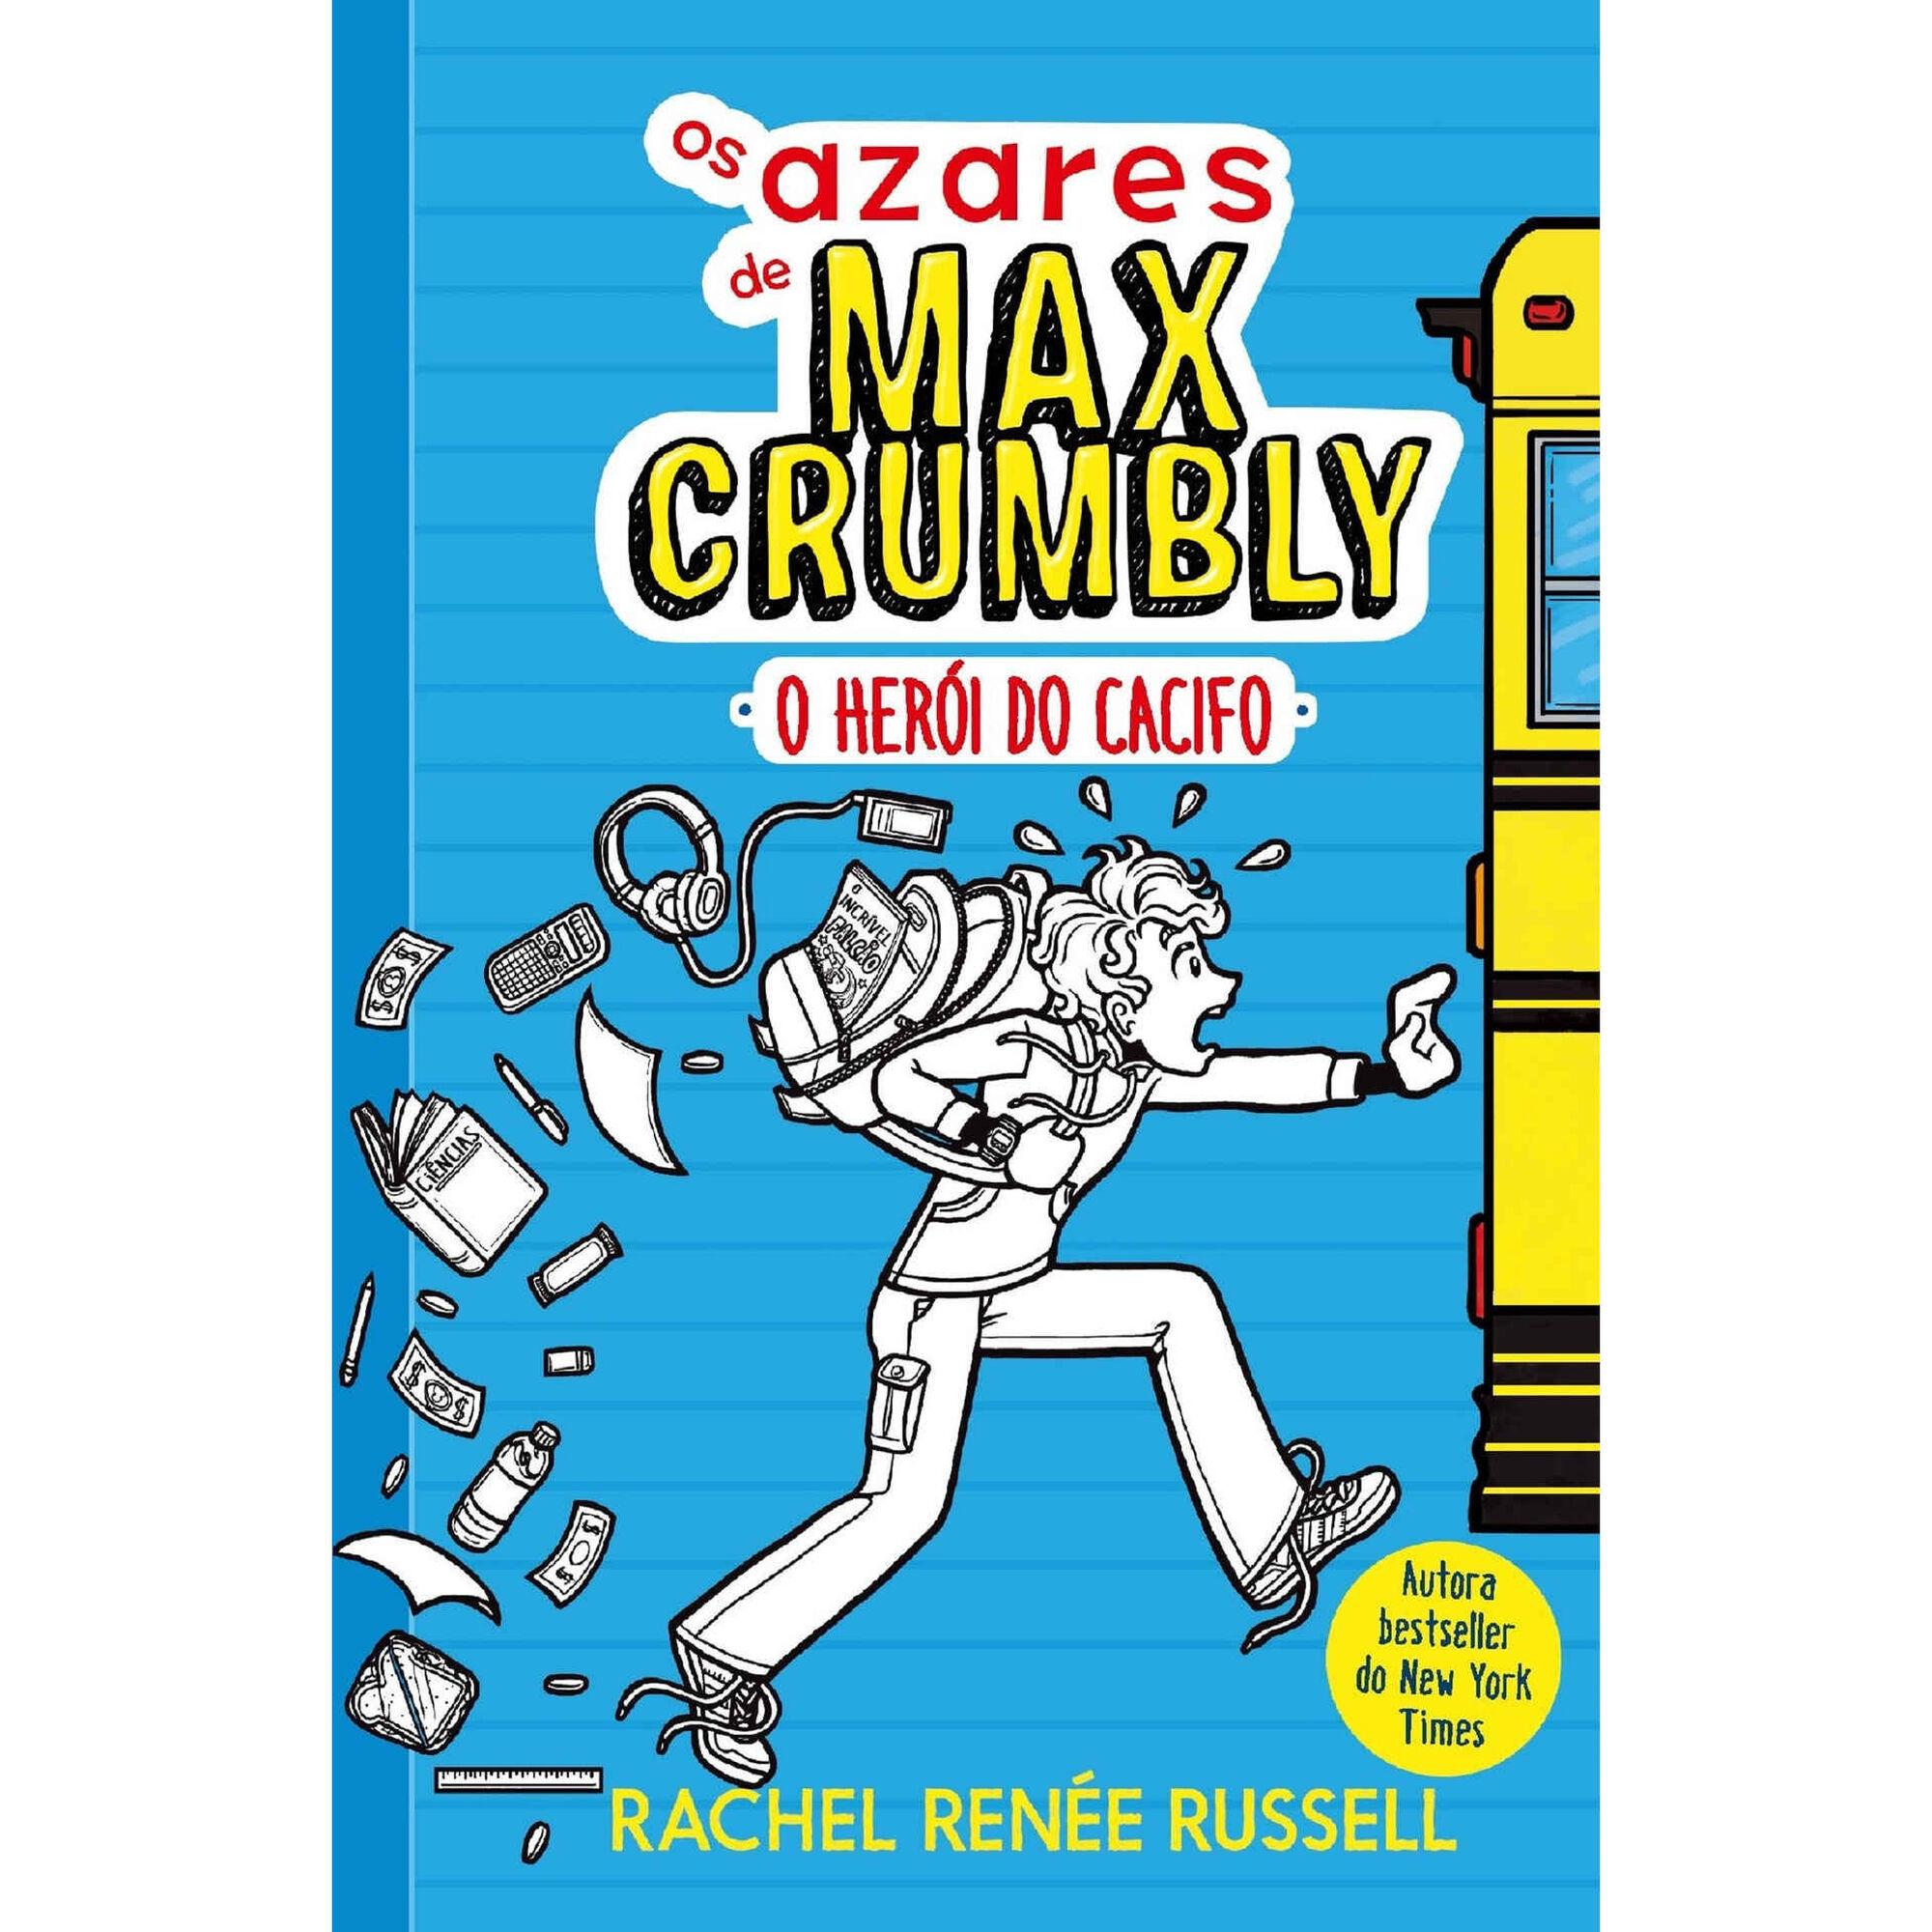 Os Azares de Max Crumbly Nº 1 - O Herói do Cacifo